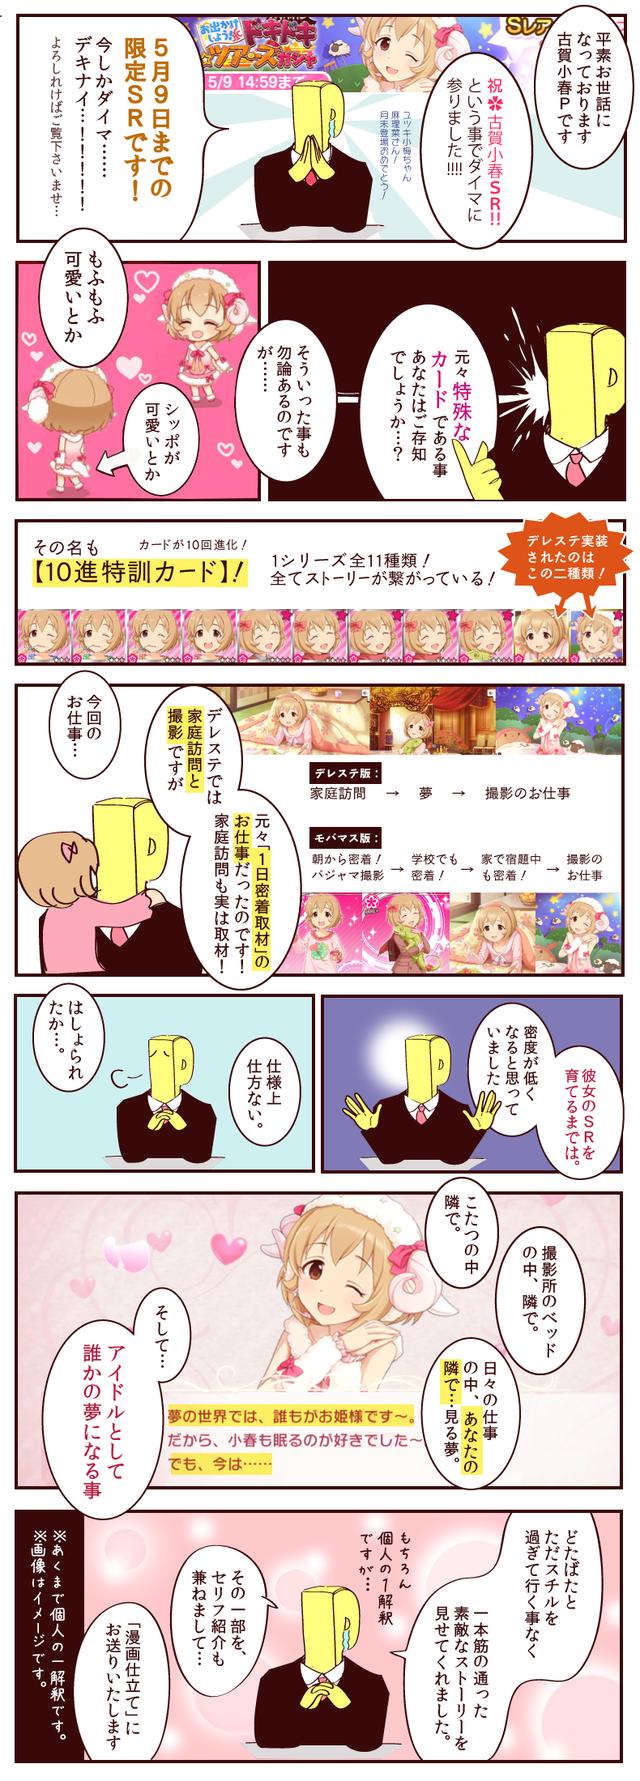 【デレステ】[ふかふかプリンセス]古賀小春が可愛いよねっていうお話